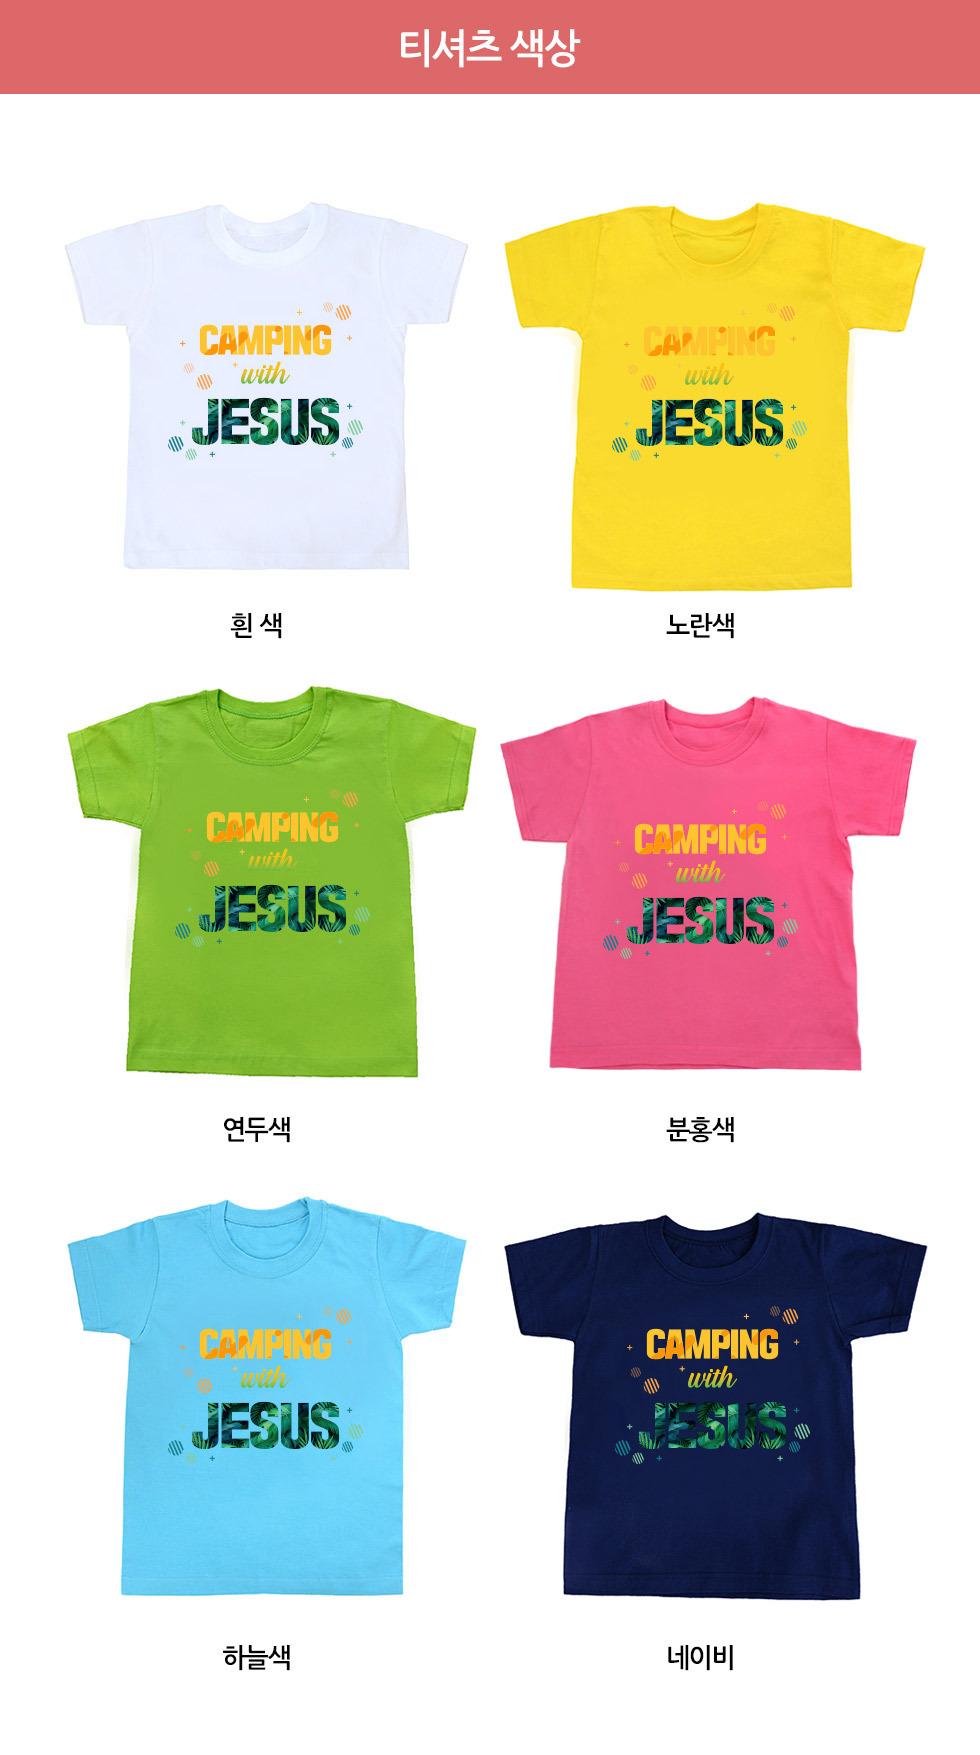 교회 단체티셔츠 예수님과함께 (Camping with Jesus) - 아동티셔츠(그린캠프)